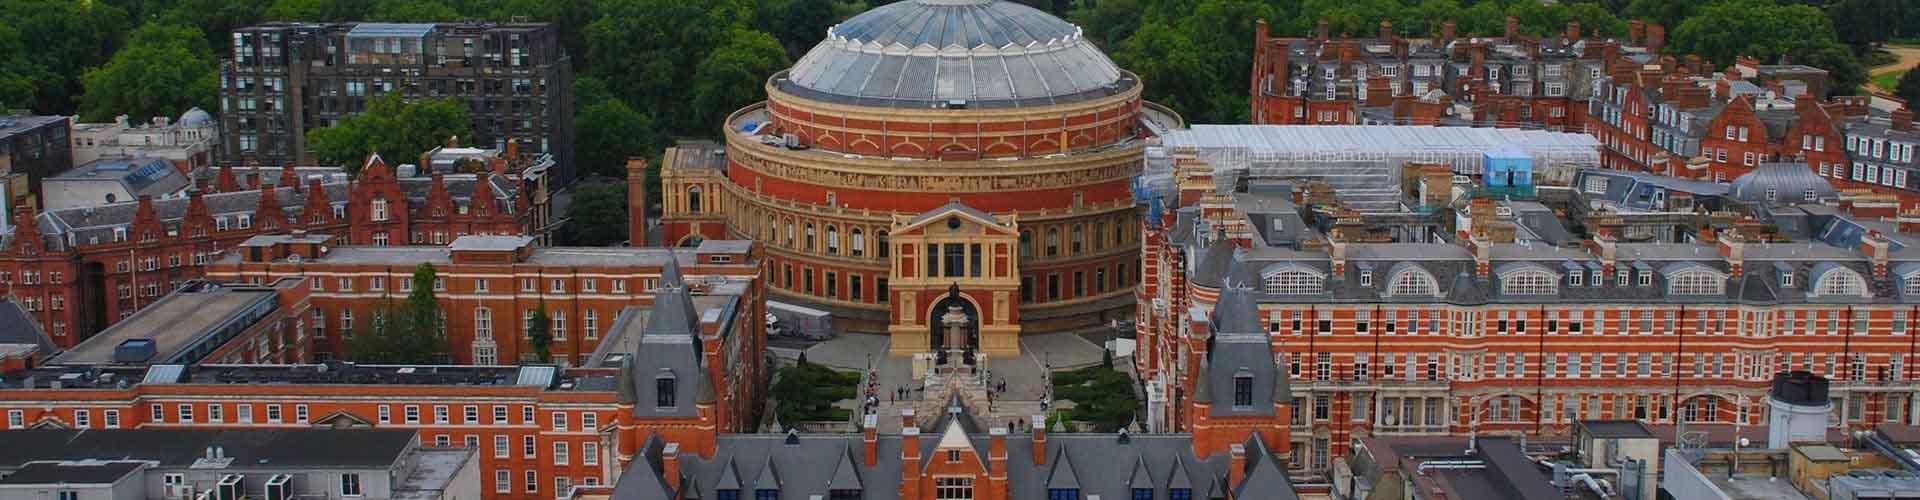 伦敦 – 皇家阿尔伯特音乐厅附近的宾馆。伦敦地图,伦敦每间宾馆的照片和评价。